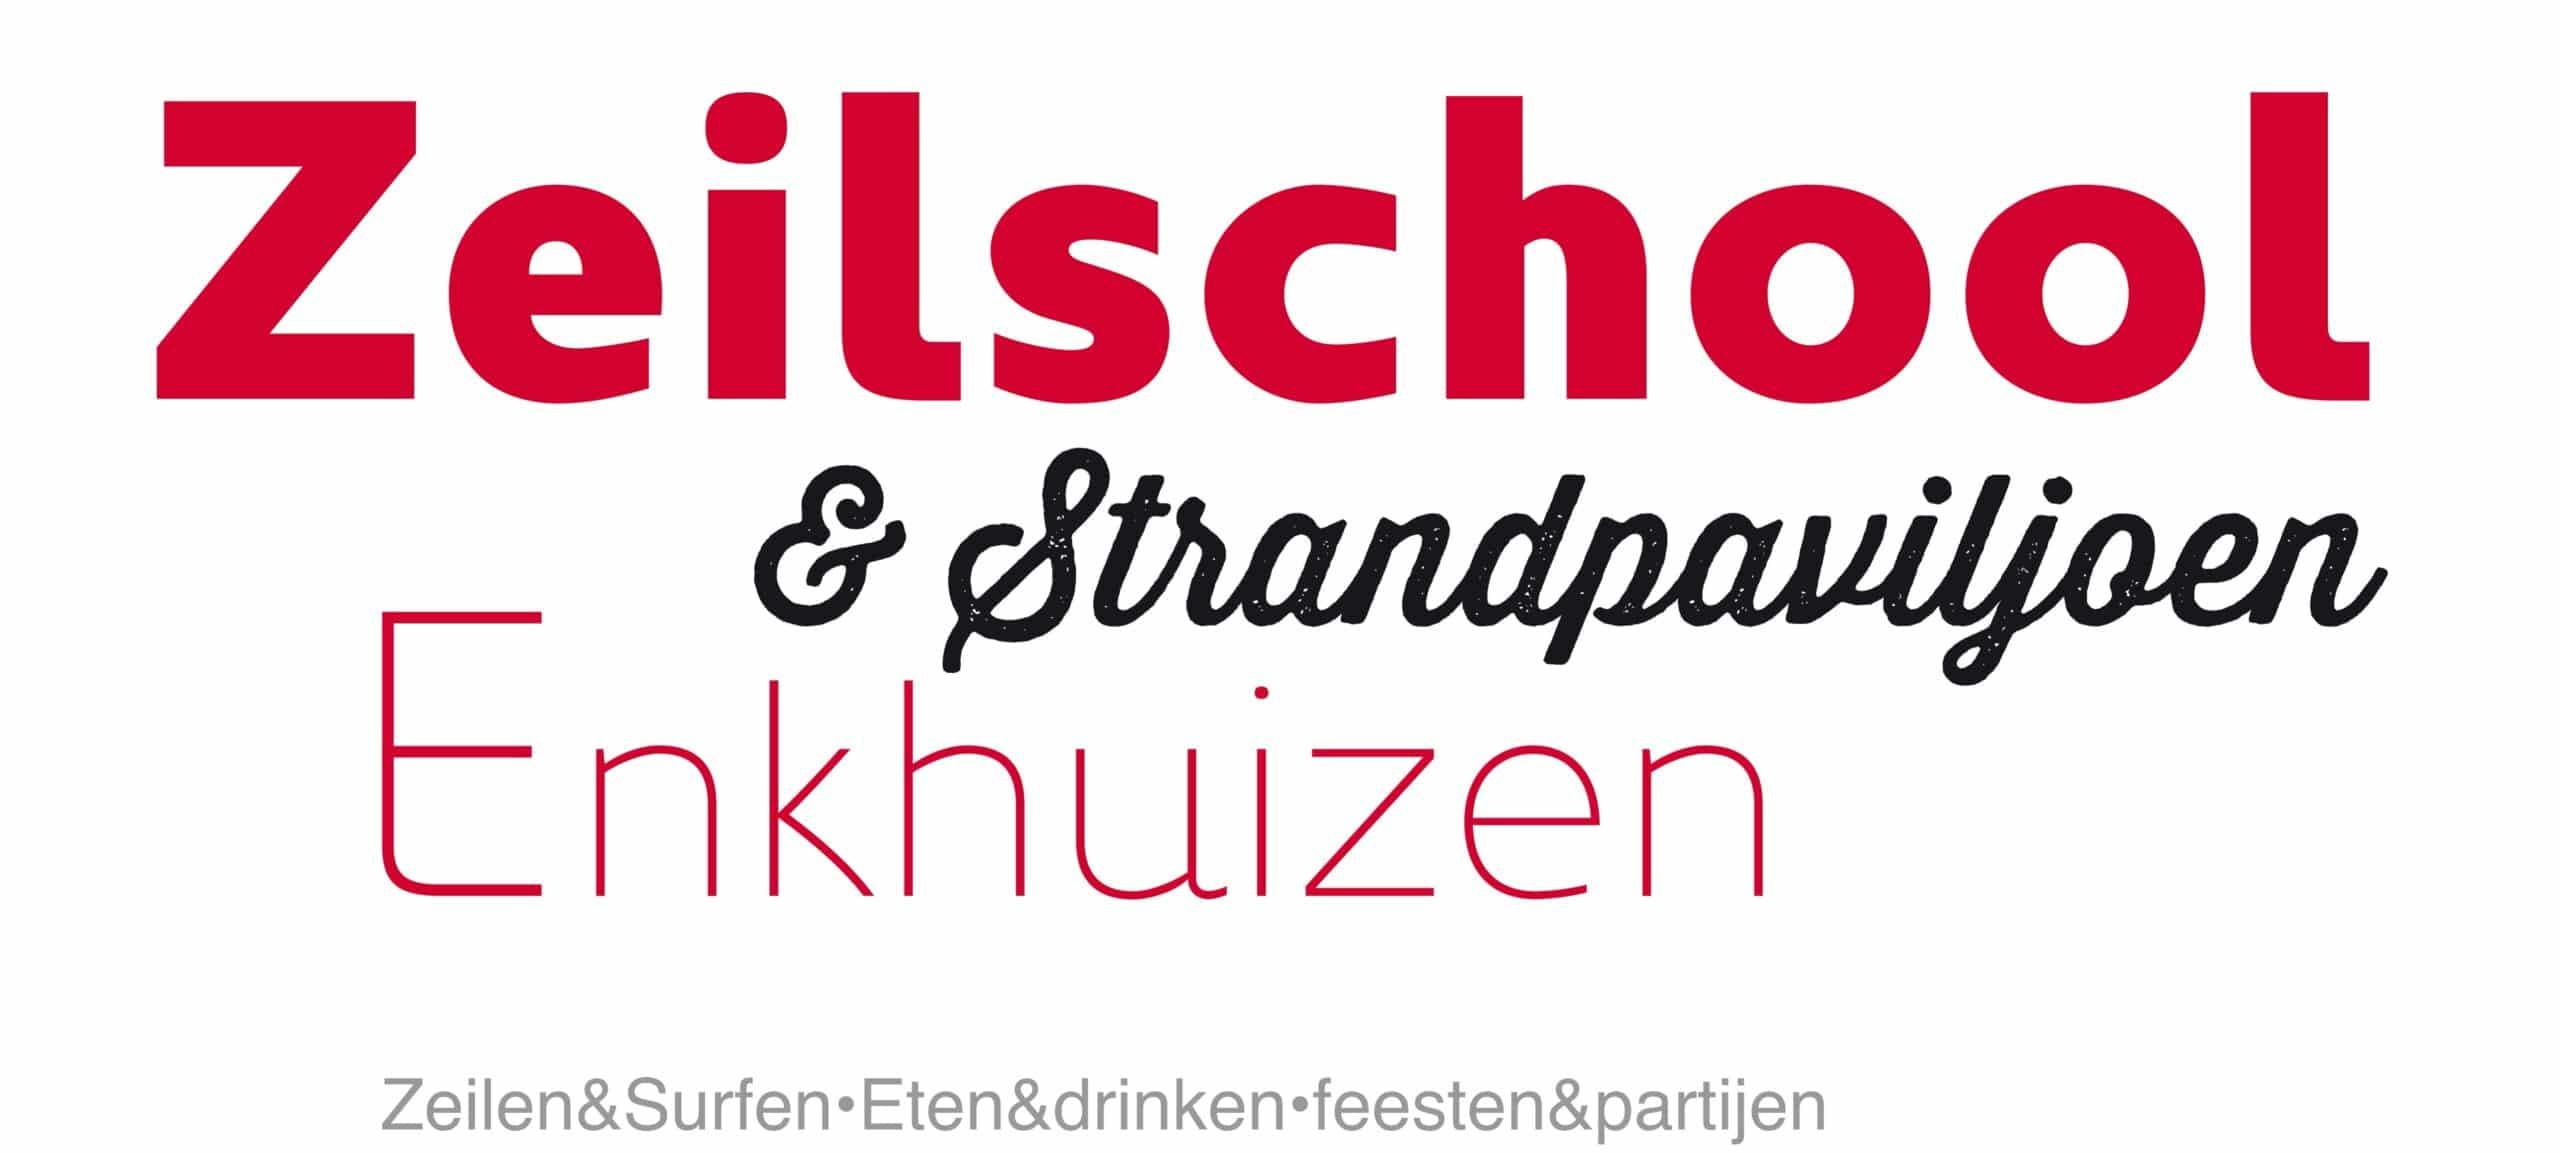 Strandpaviljoen : Brand Short Description Type Here.